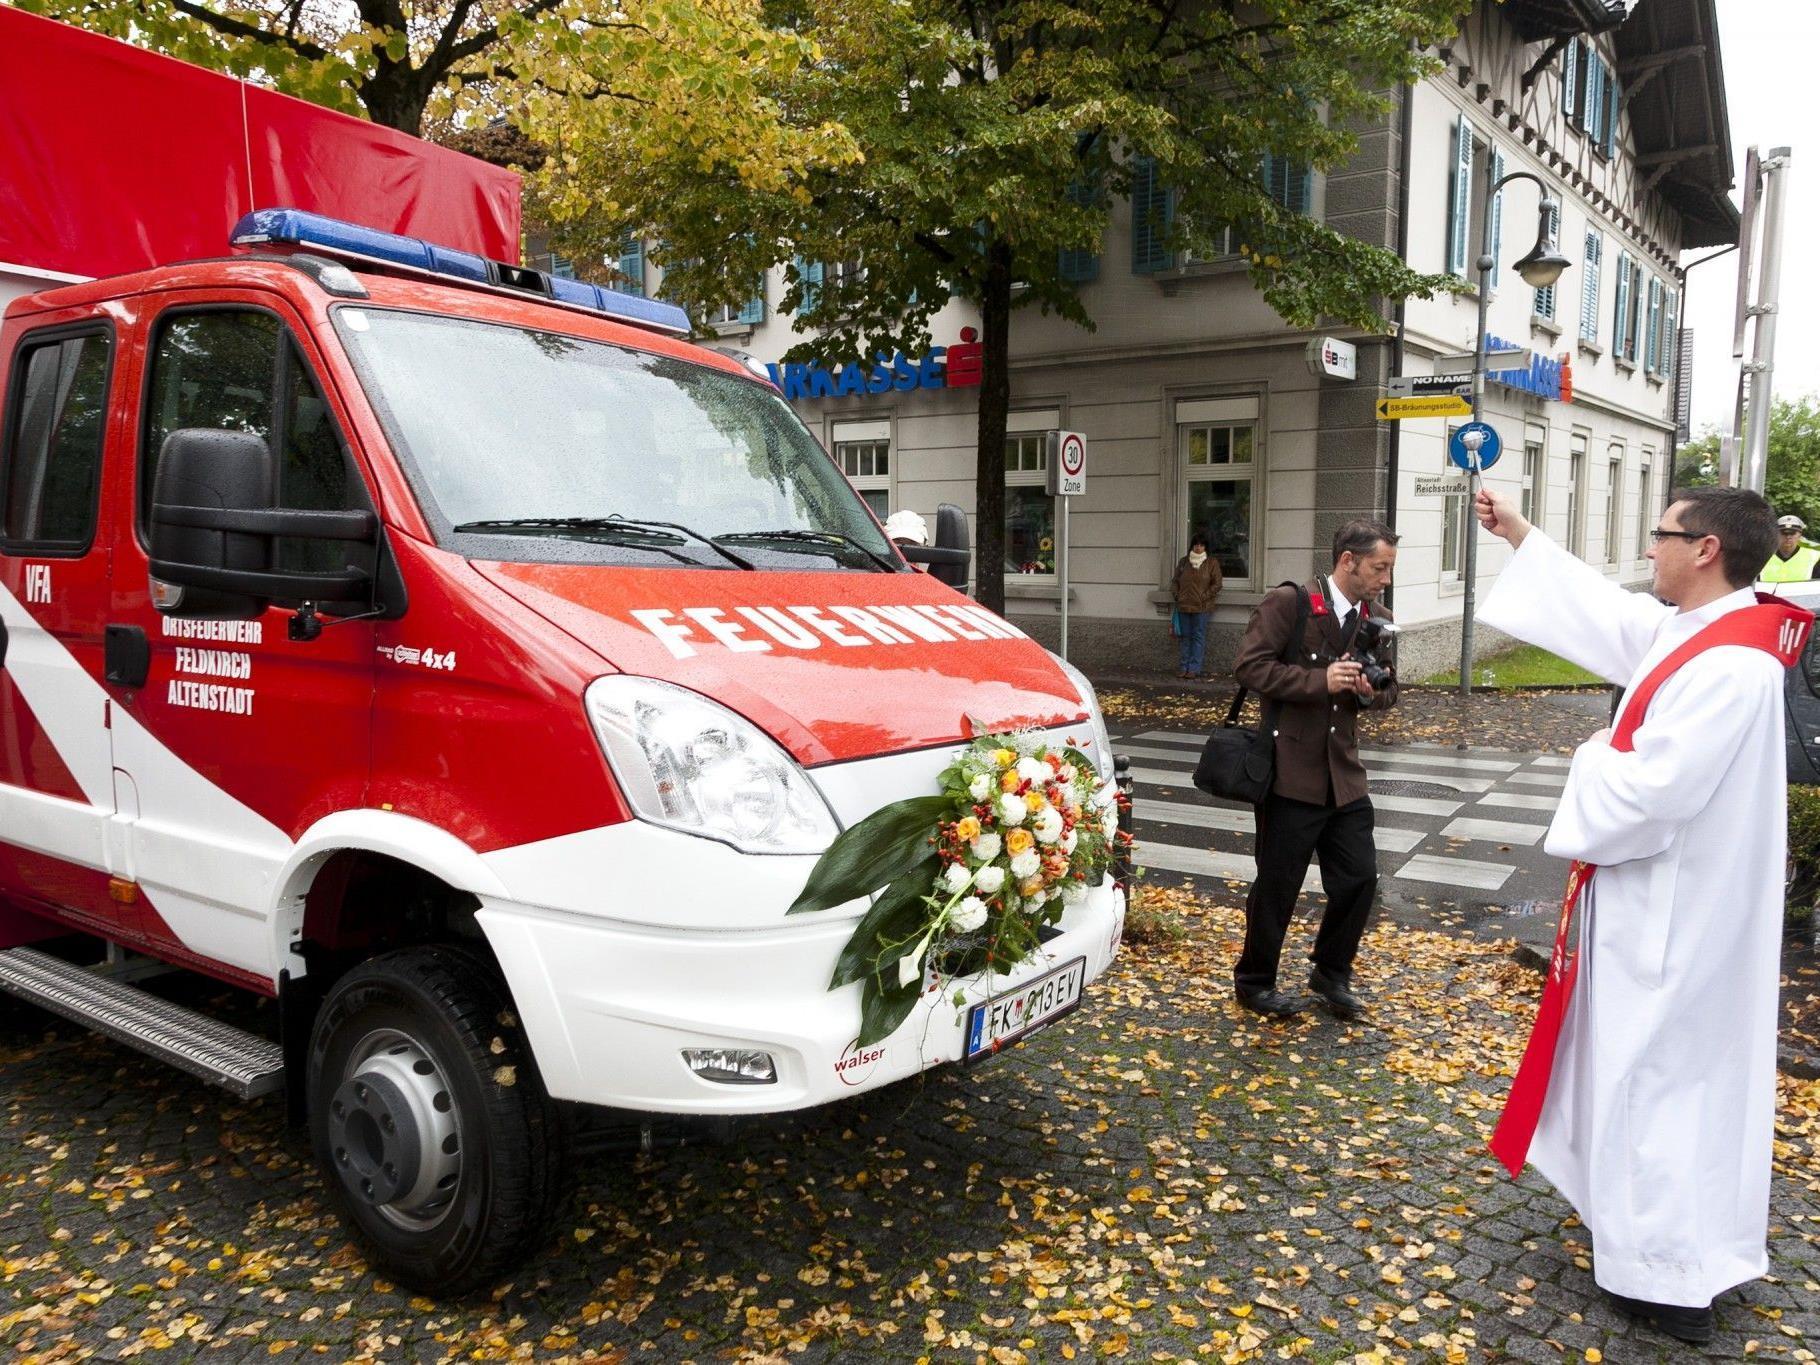 Feierliche Einweihung des neuen Fahrzeuges der Ortsfeuerwehr Altenstadt